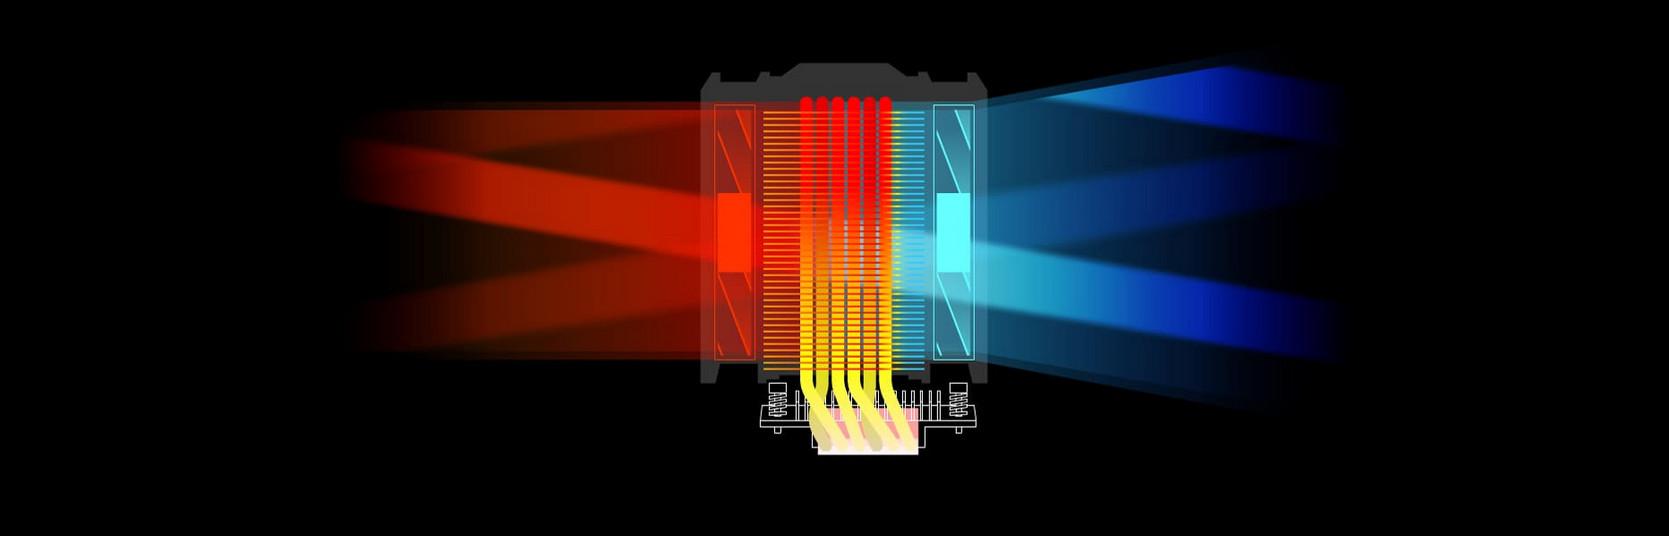 Hệ thống LED của Tản nhiệt khí Cooler Master MasterAir MA612 Stealth